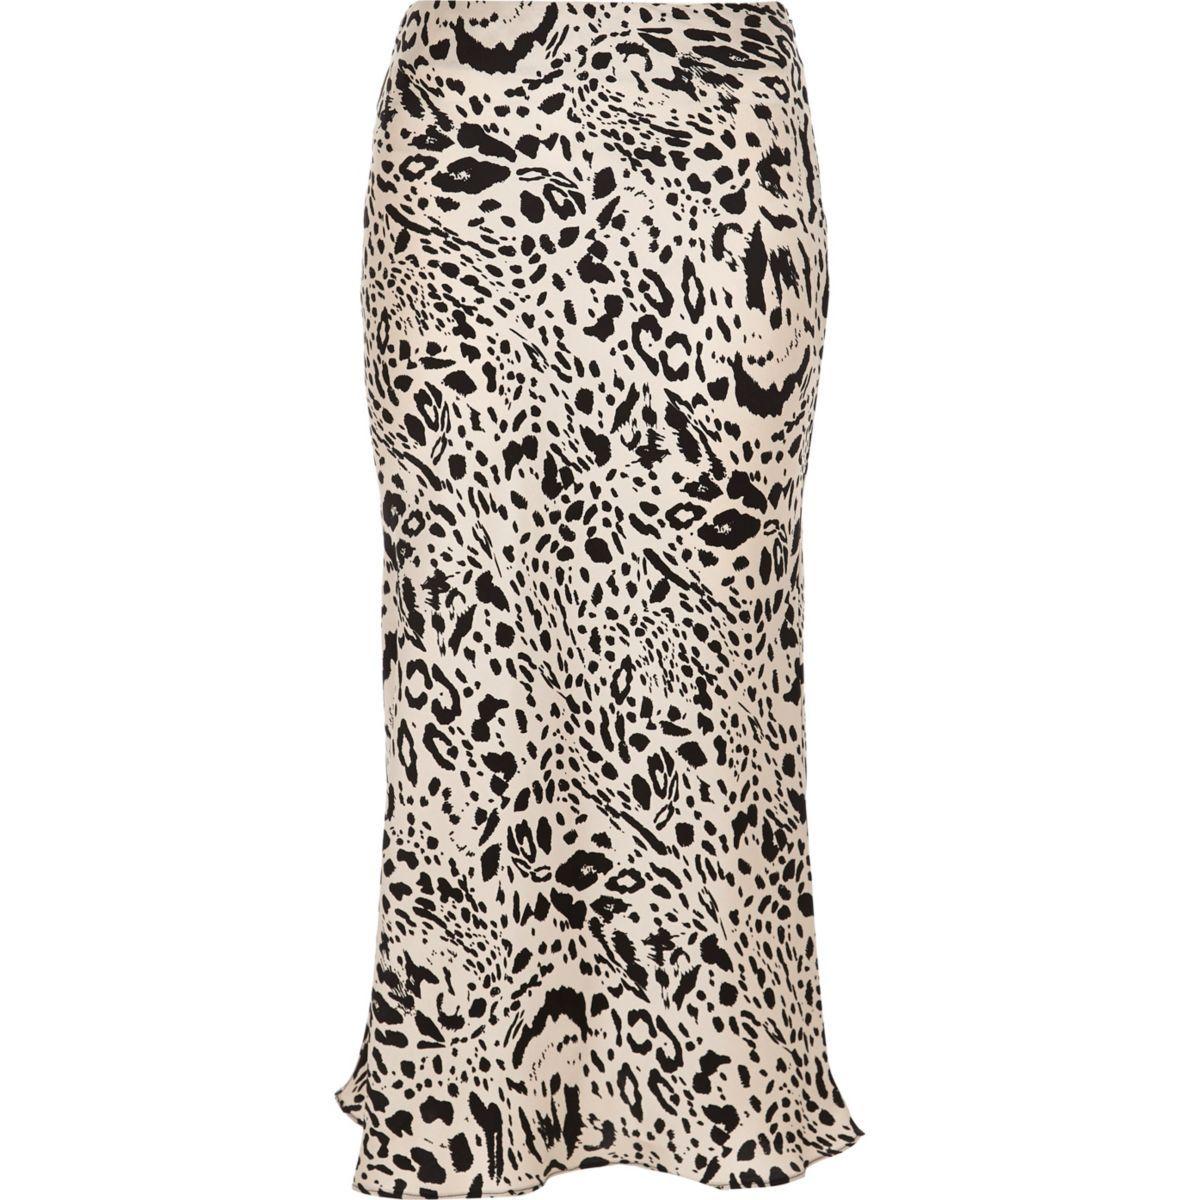 497addf093 Black leopard print satin midi skirt | 2018 wishlist | Satin midi ...